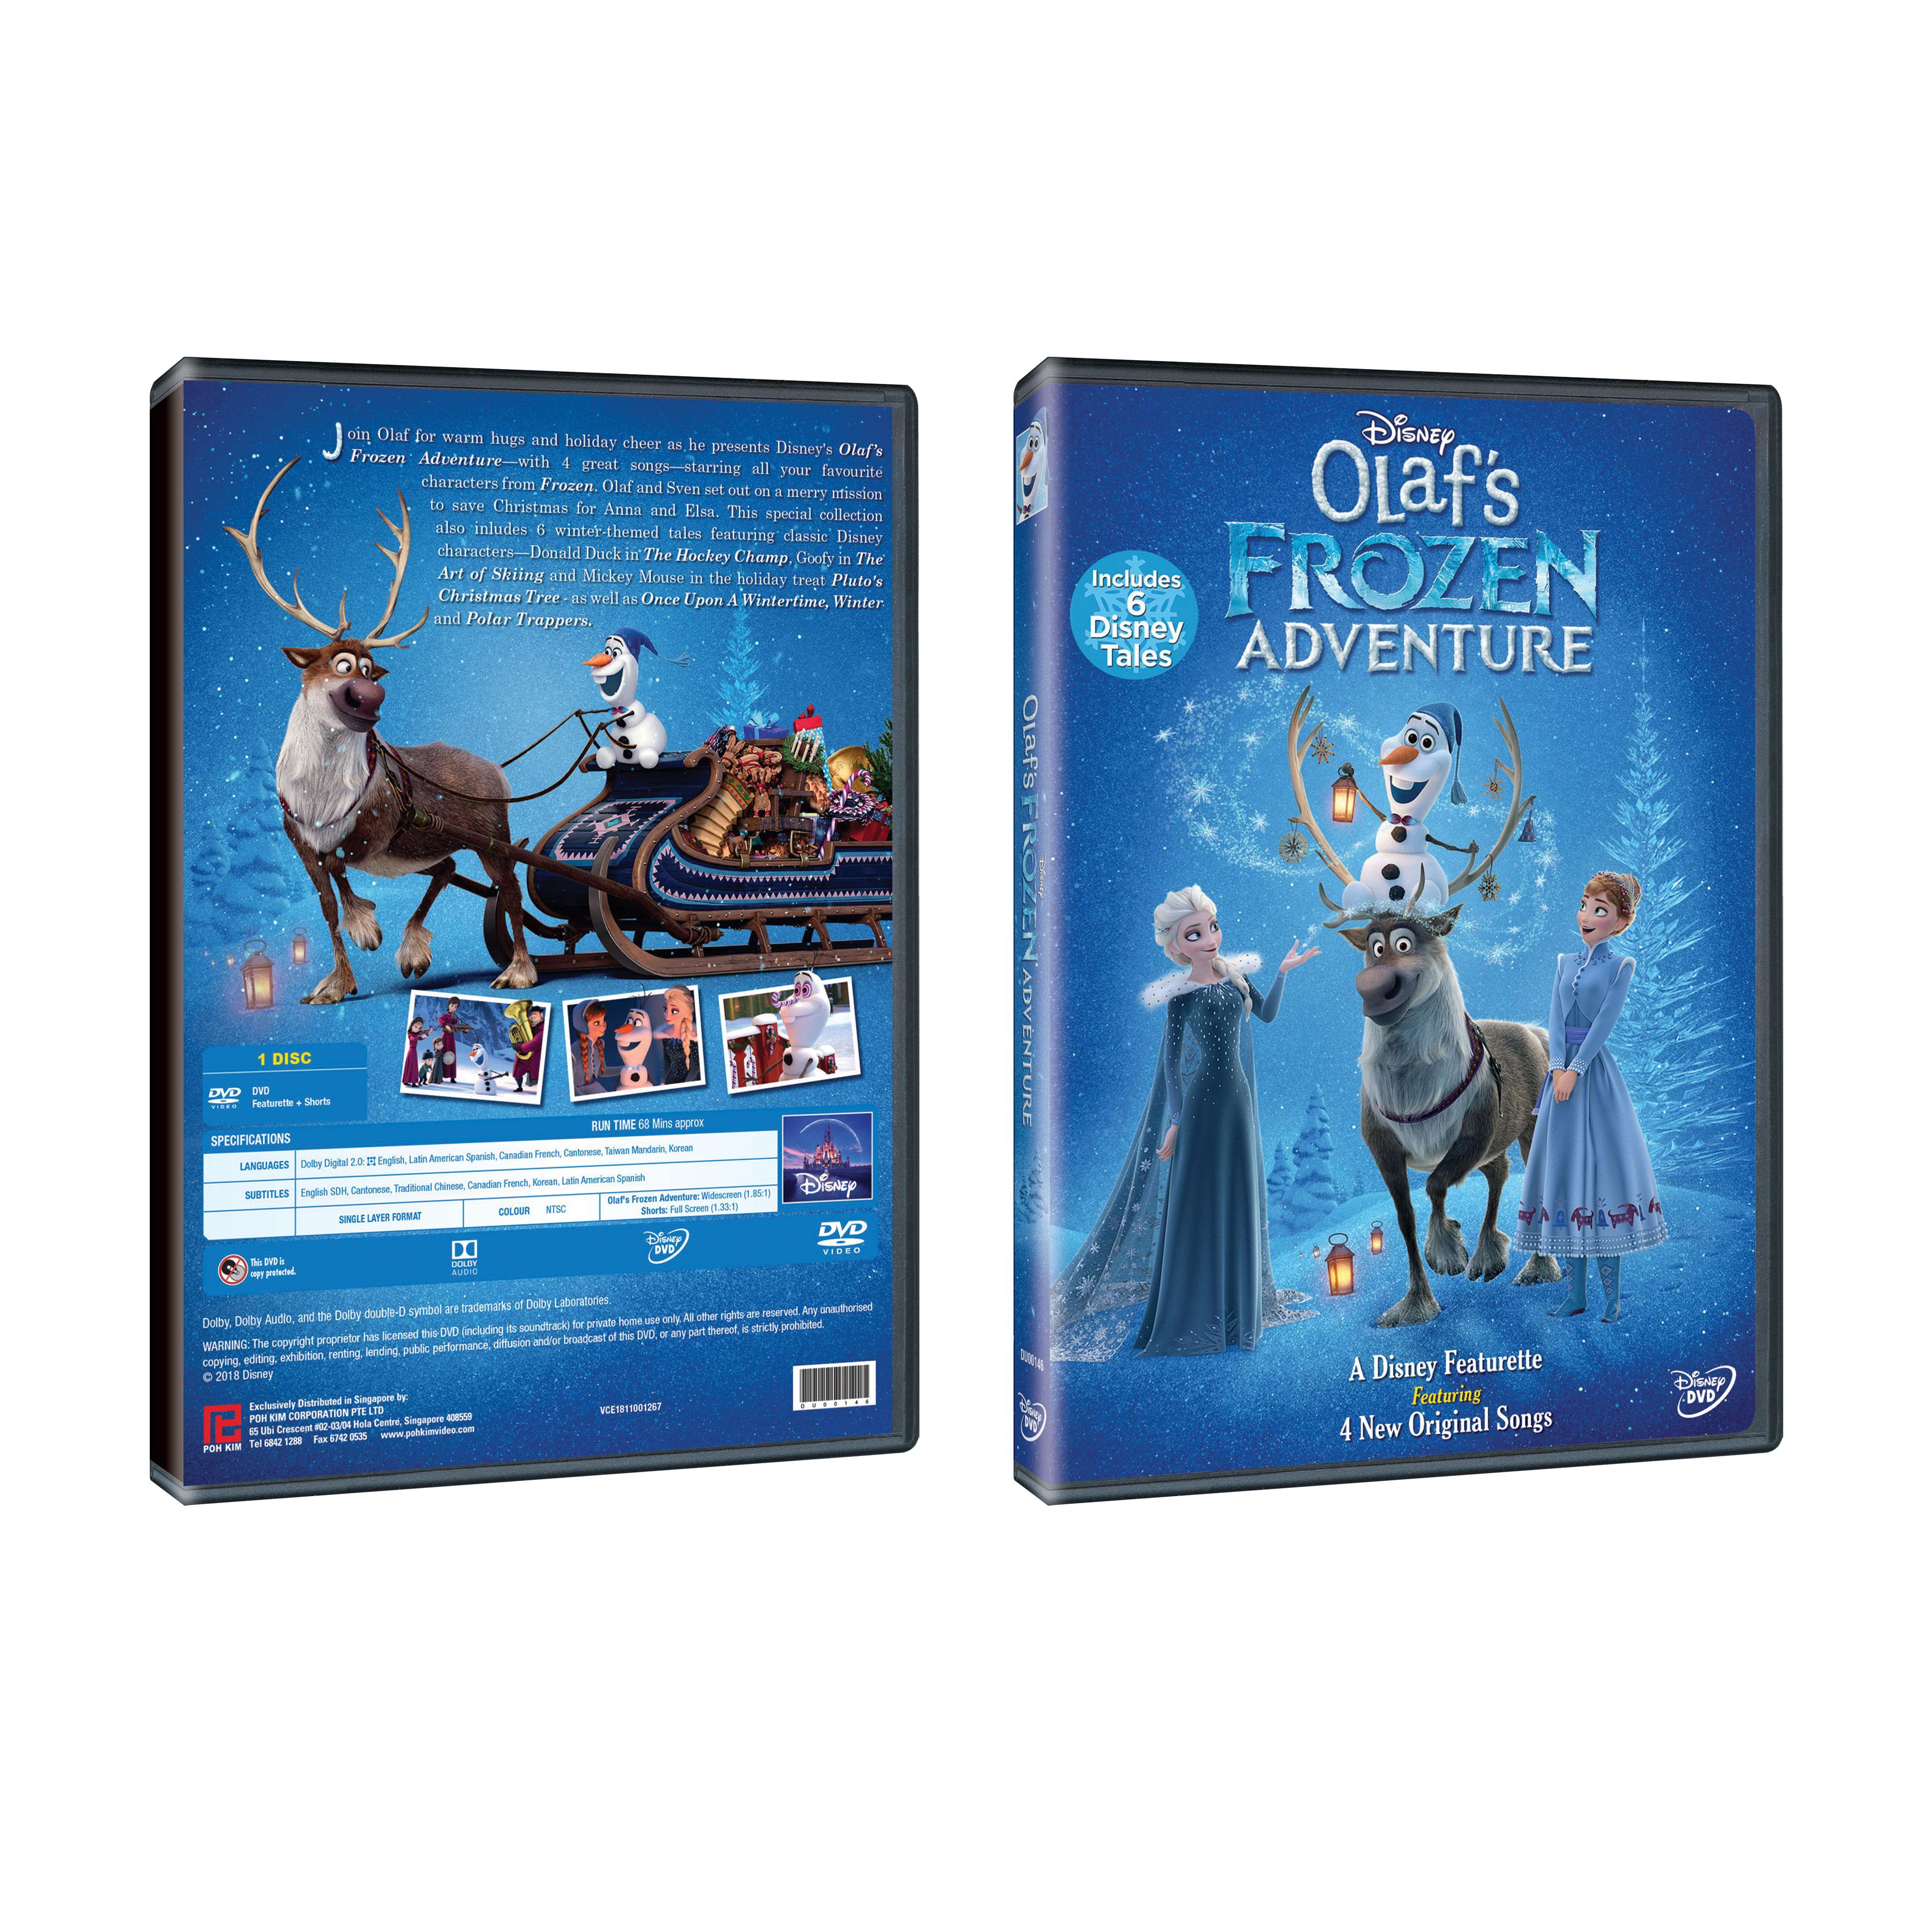 Olaf's Frozen Adventure Plus 6 Disney Tales (DVD)